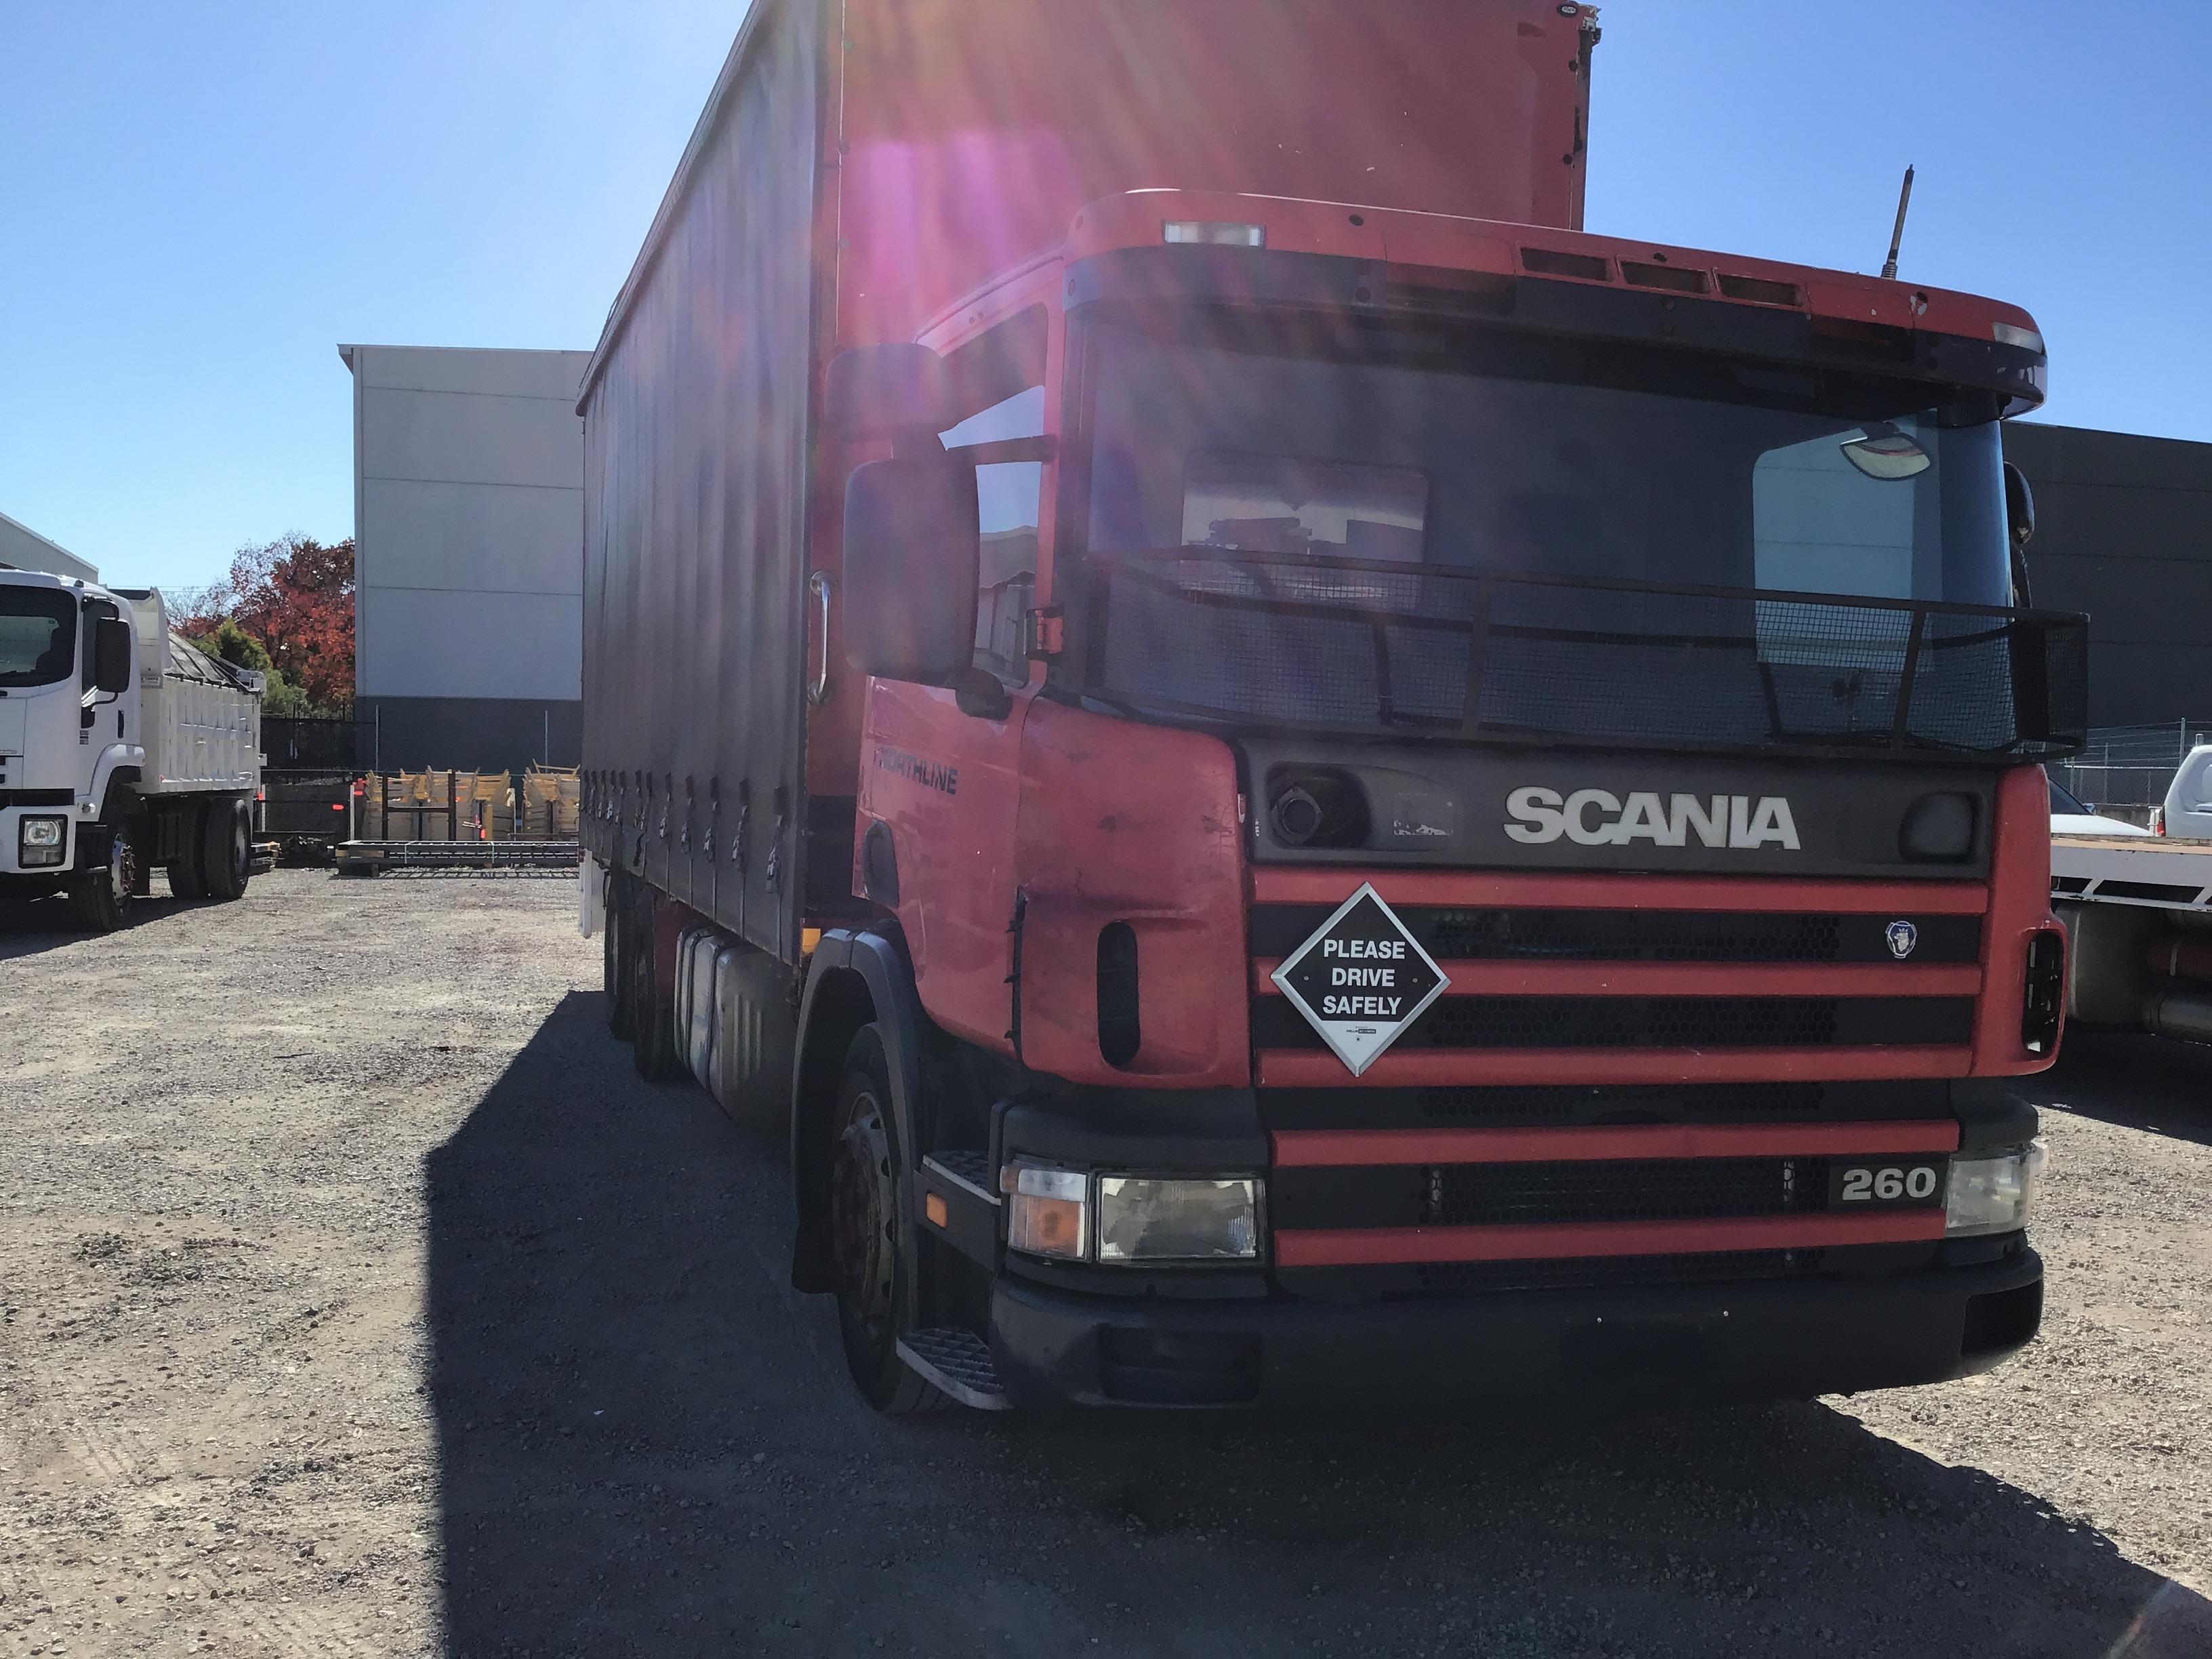 1998 SCANIA 260 6 x 2 Curtainsider Rigid Truck